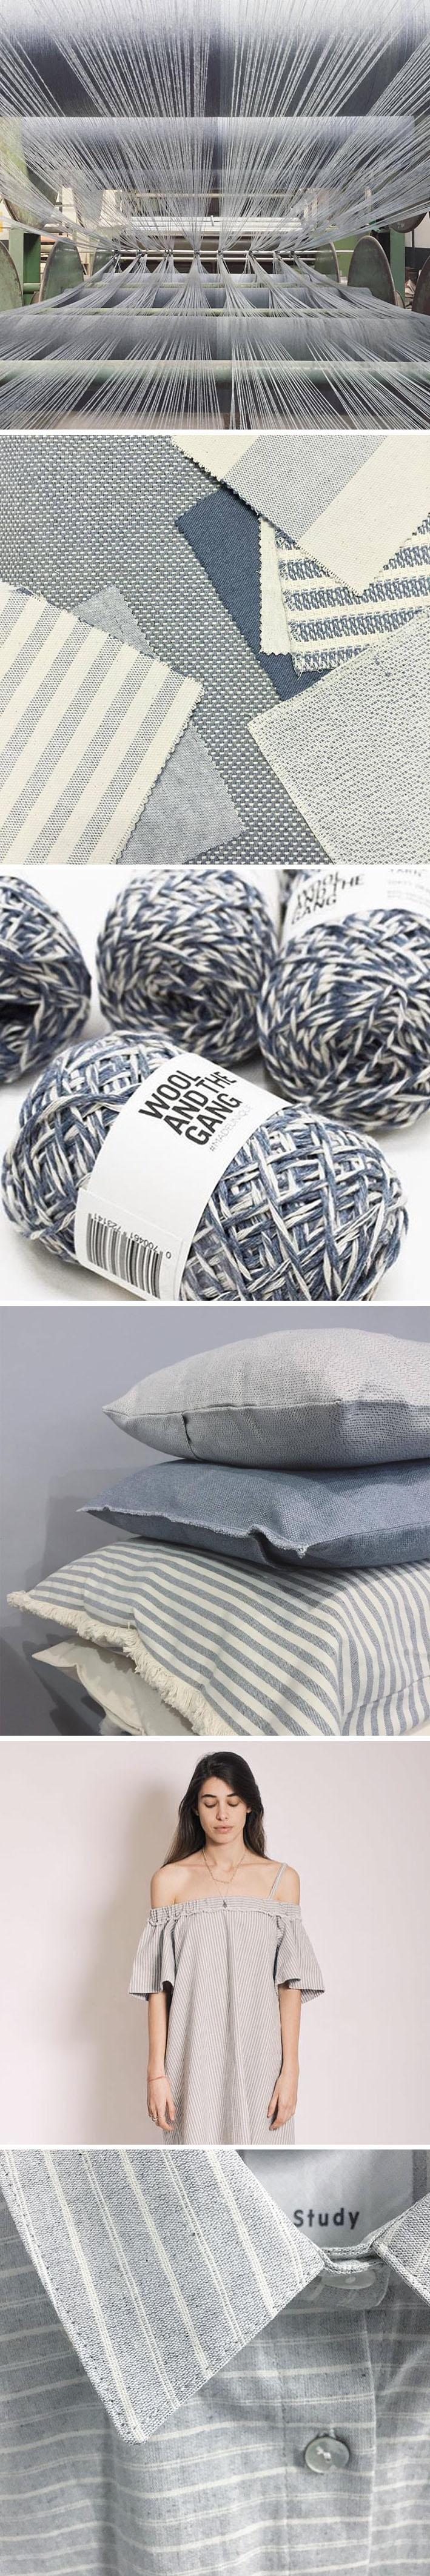 The New Denim Project : transformando jeans velhos em novos tecidos sustentáveis stylo urbano-2